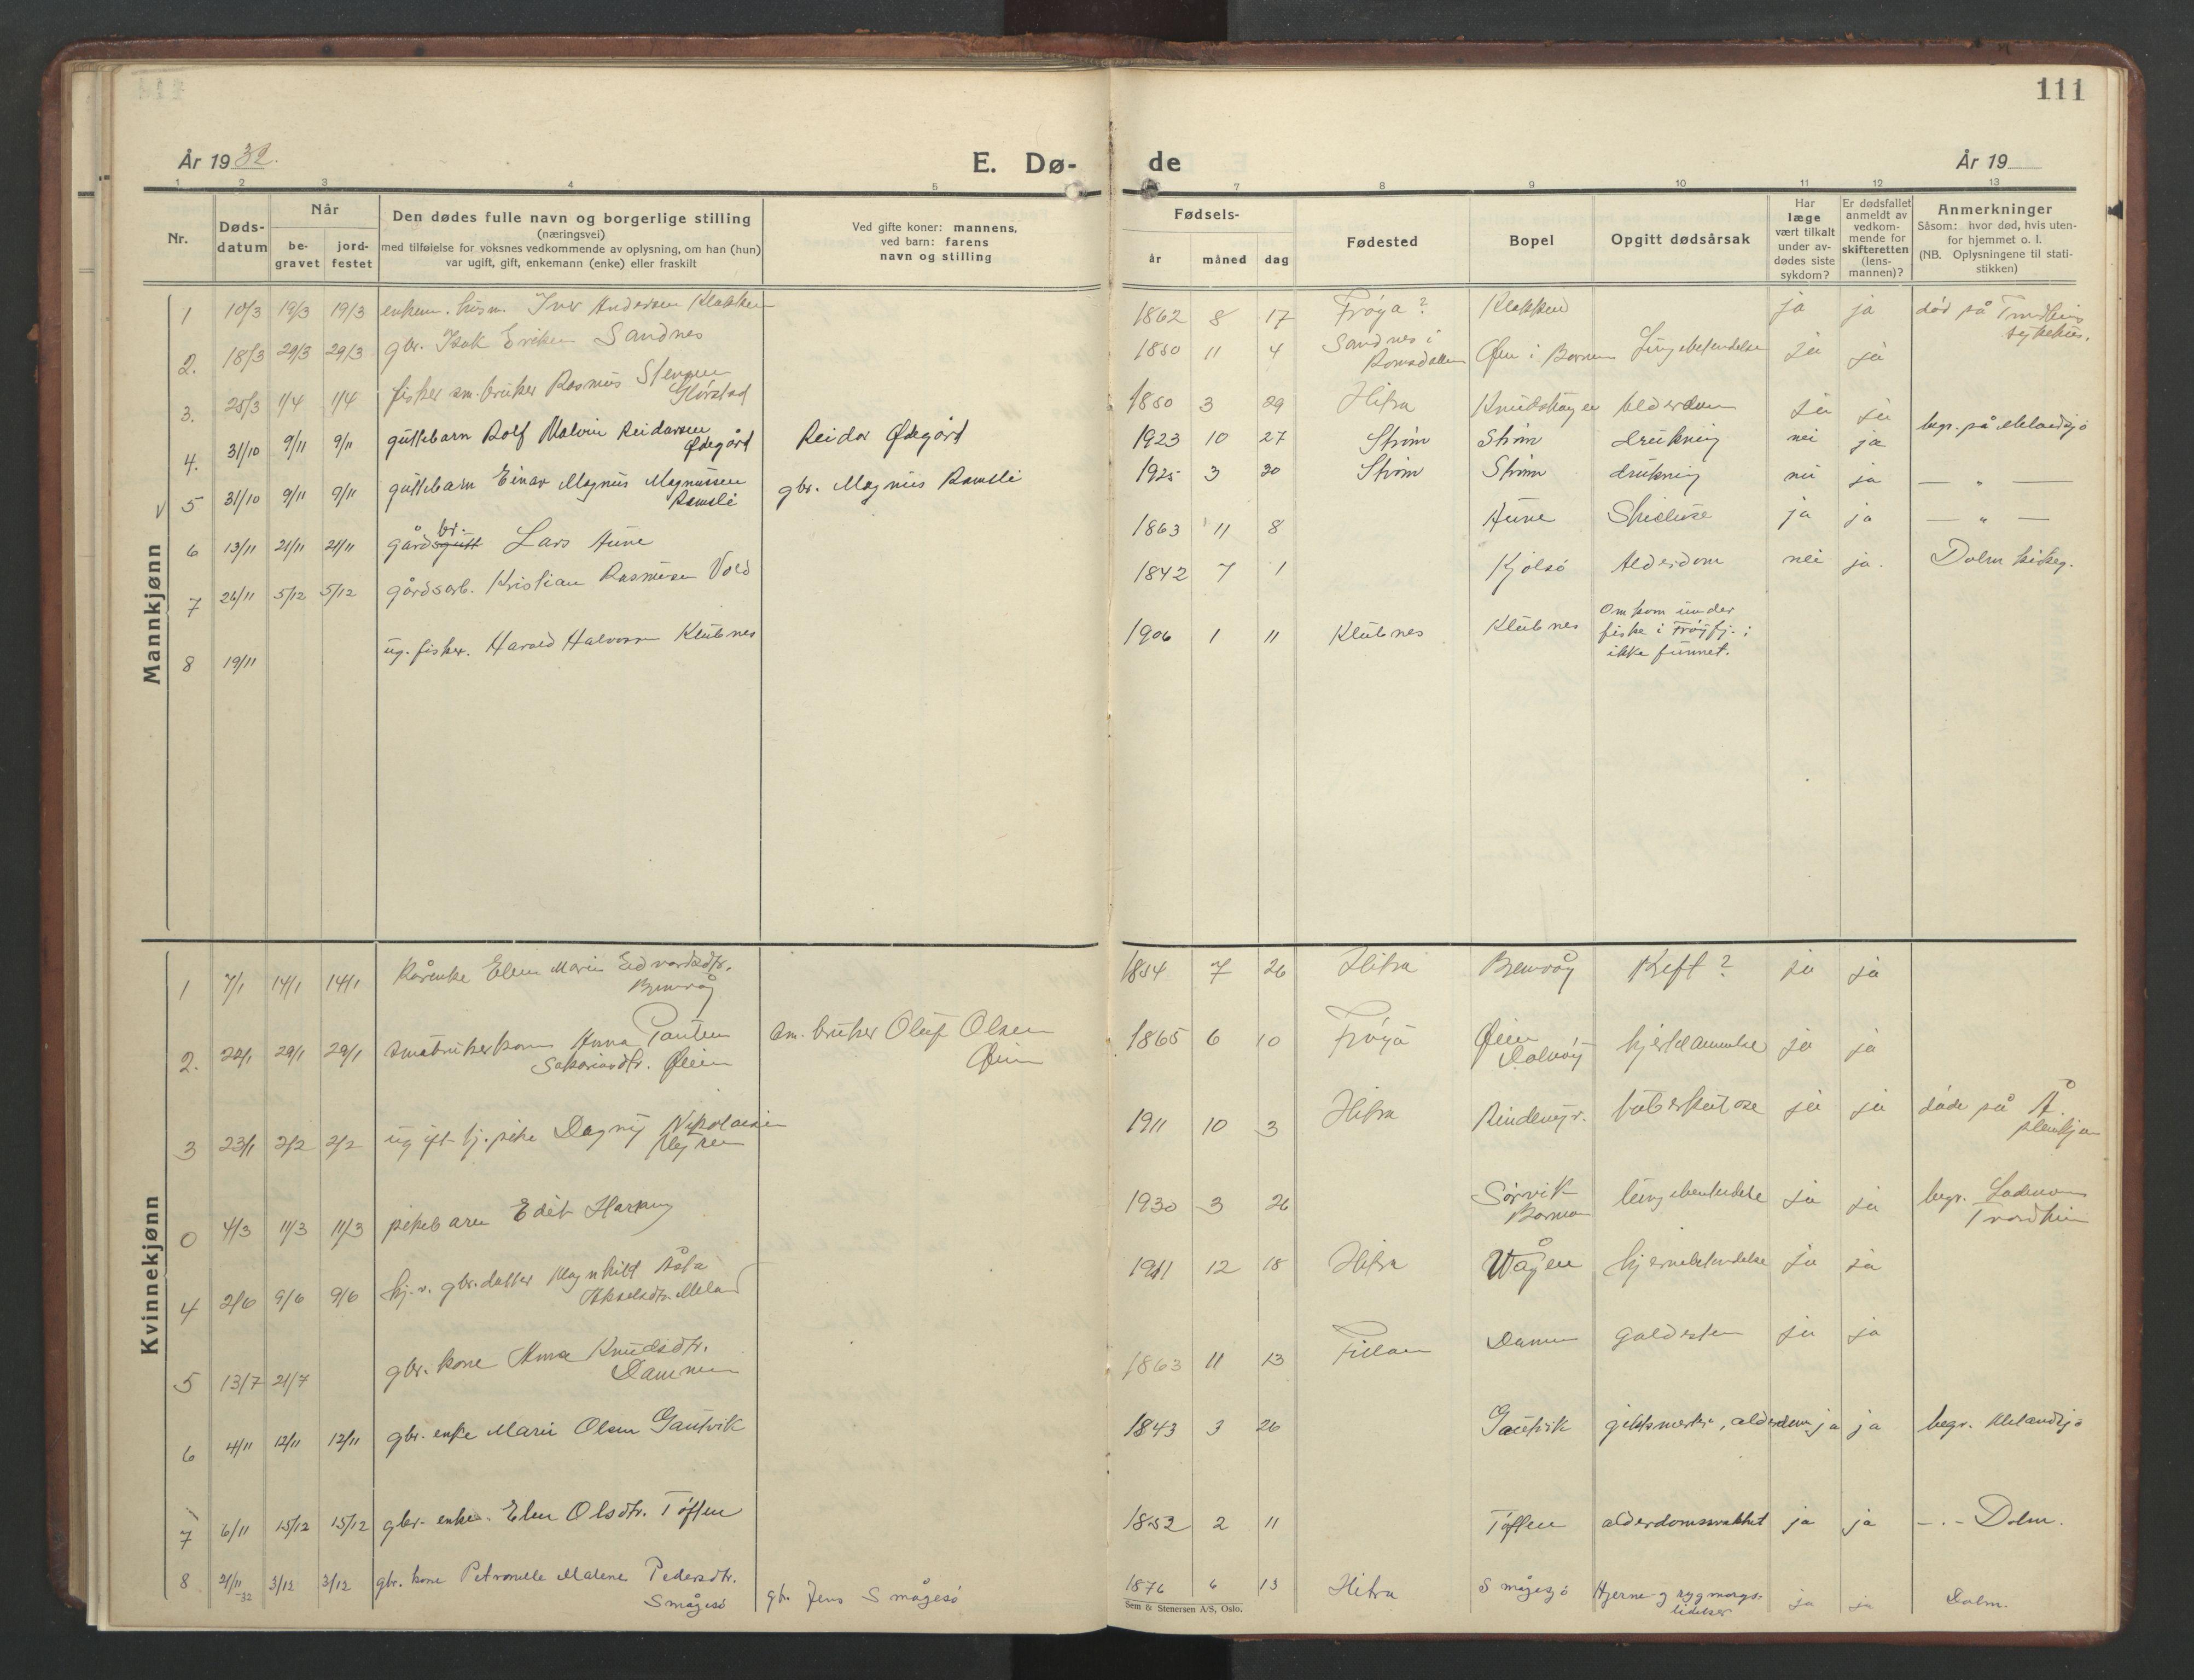 SAT, Ministerialprotokoller, klokkerbøker og fødselsregistre - Sør-Trøndelag, 634/L0544: Klokkerbok nr. 634C06, 1927-1948, s. 111